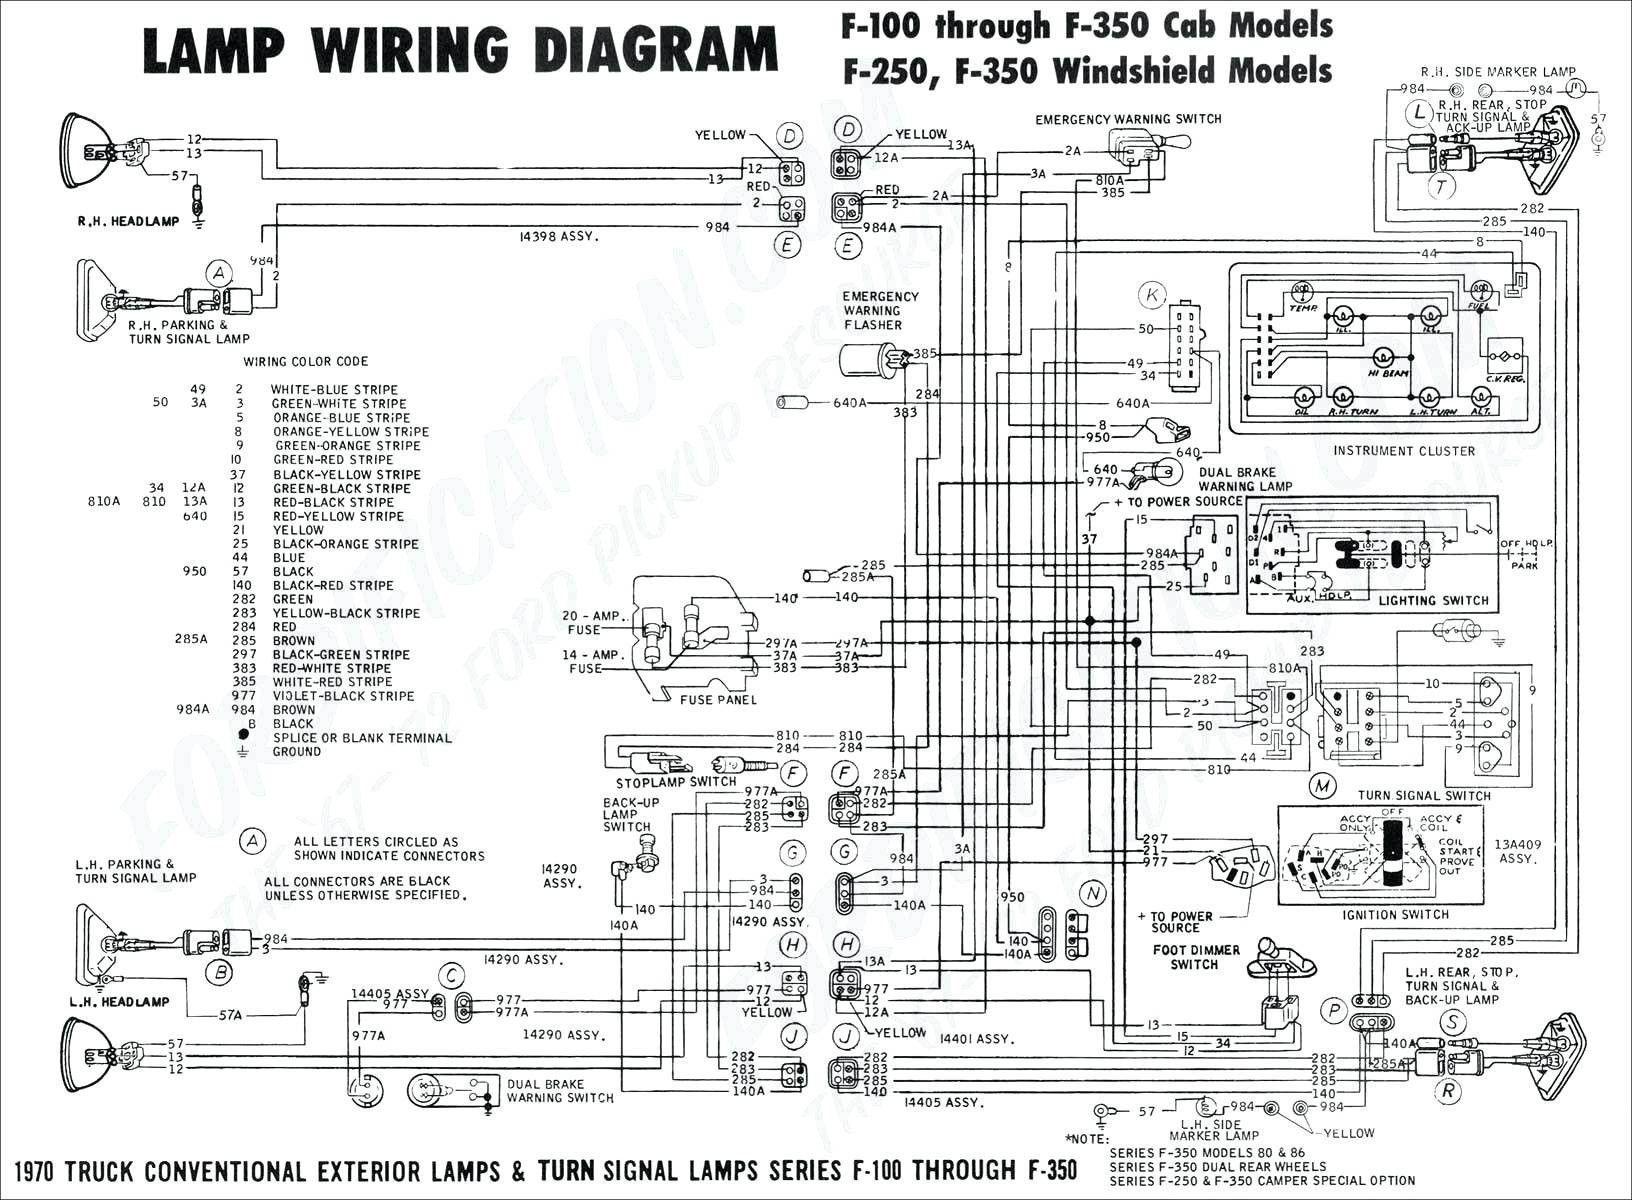 2005 Dodge Grand Caravan Wiring Diagram Di 2020 Ford Explorer Ford Focus Ford Ranger